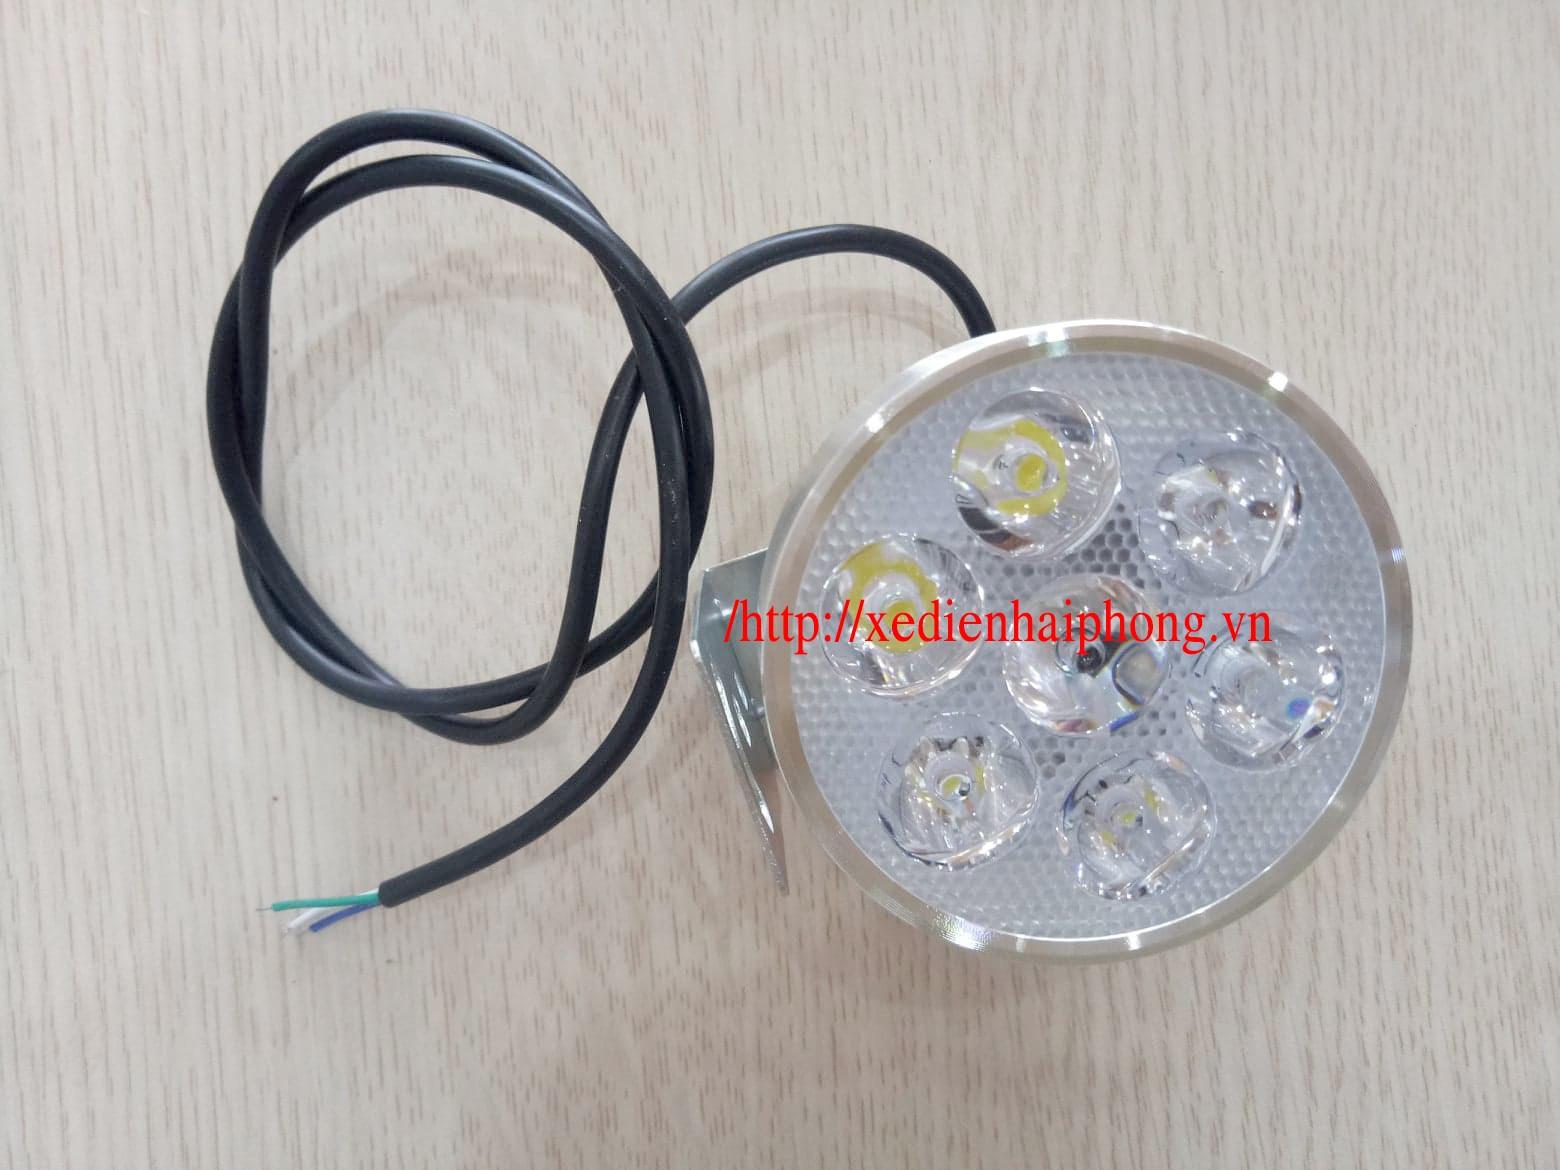 Đèn 7 bóng siêu sáng xe điện